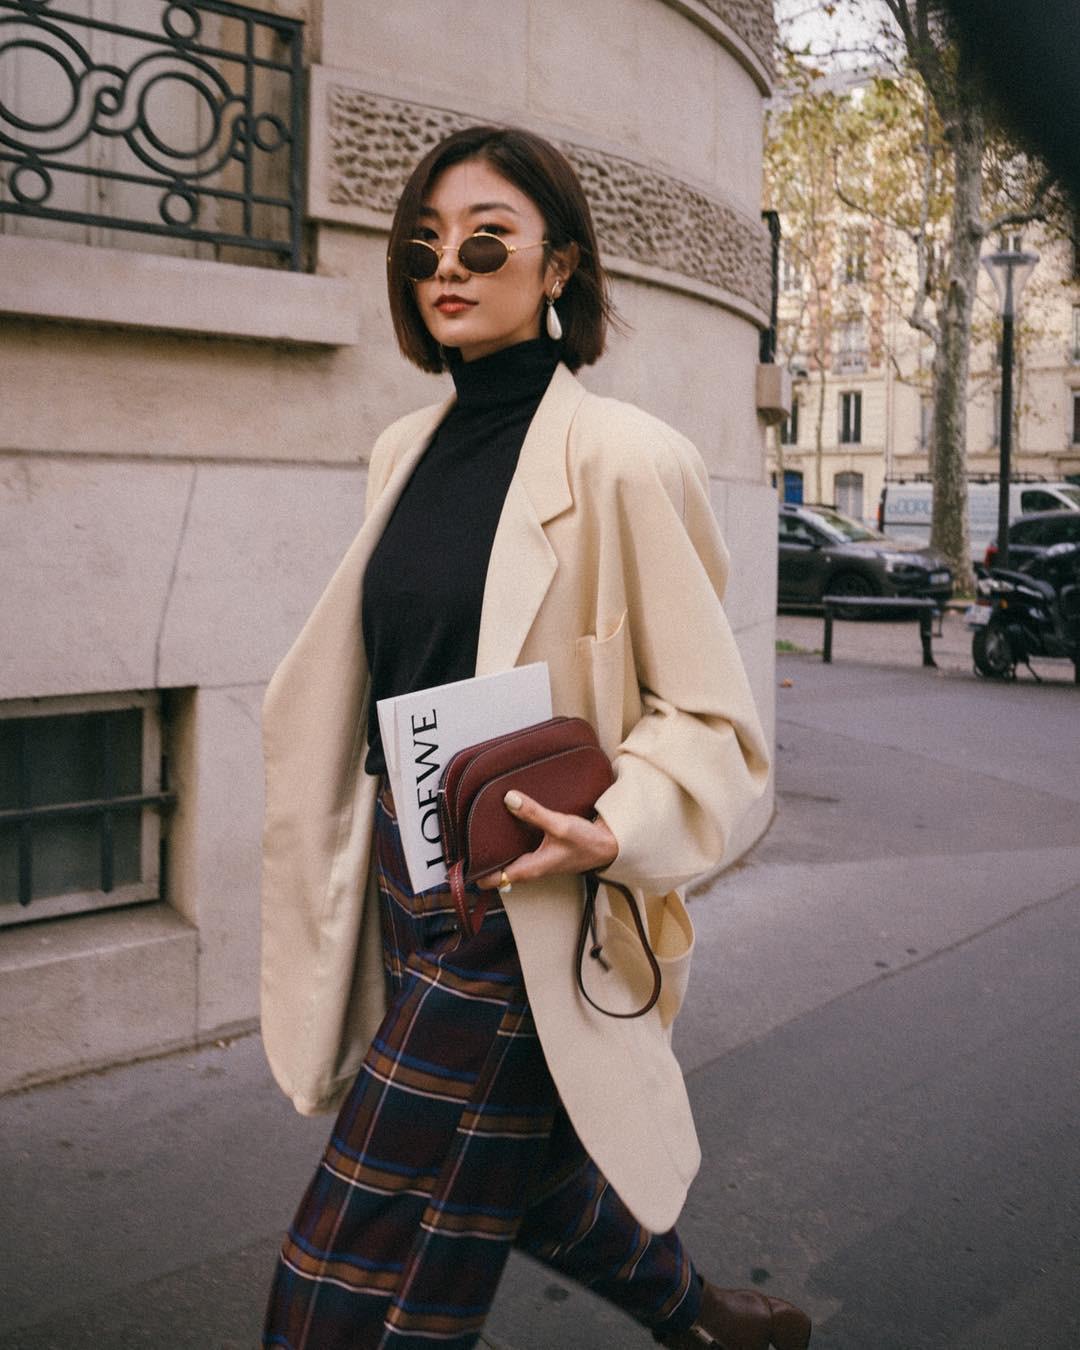 Mách bạn cách mặc đồ: Chọn được áo khoác hợp dáng người sẽ quyết định 80% bộ đồ đẹp - Ảnh 8.